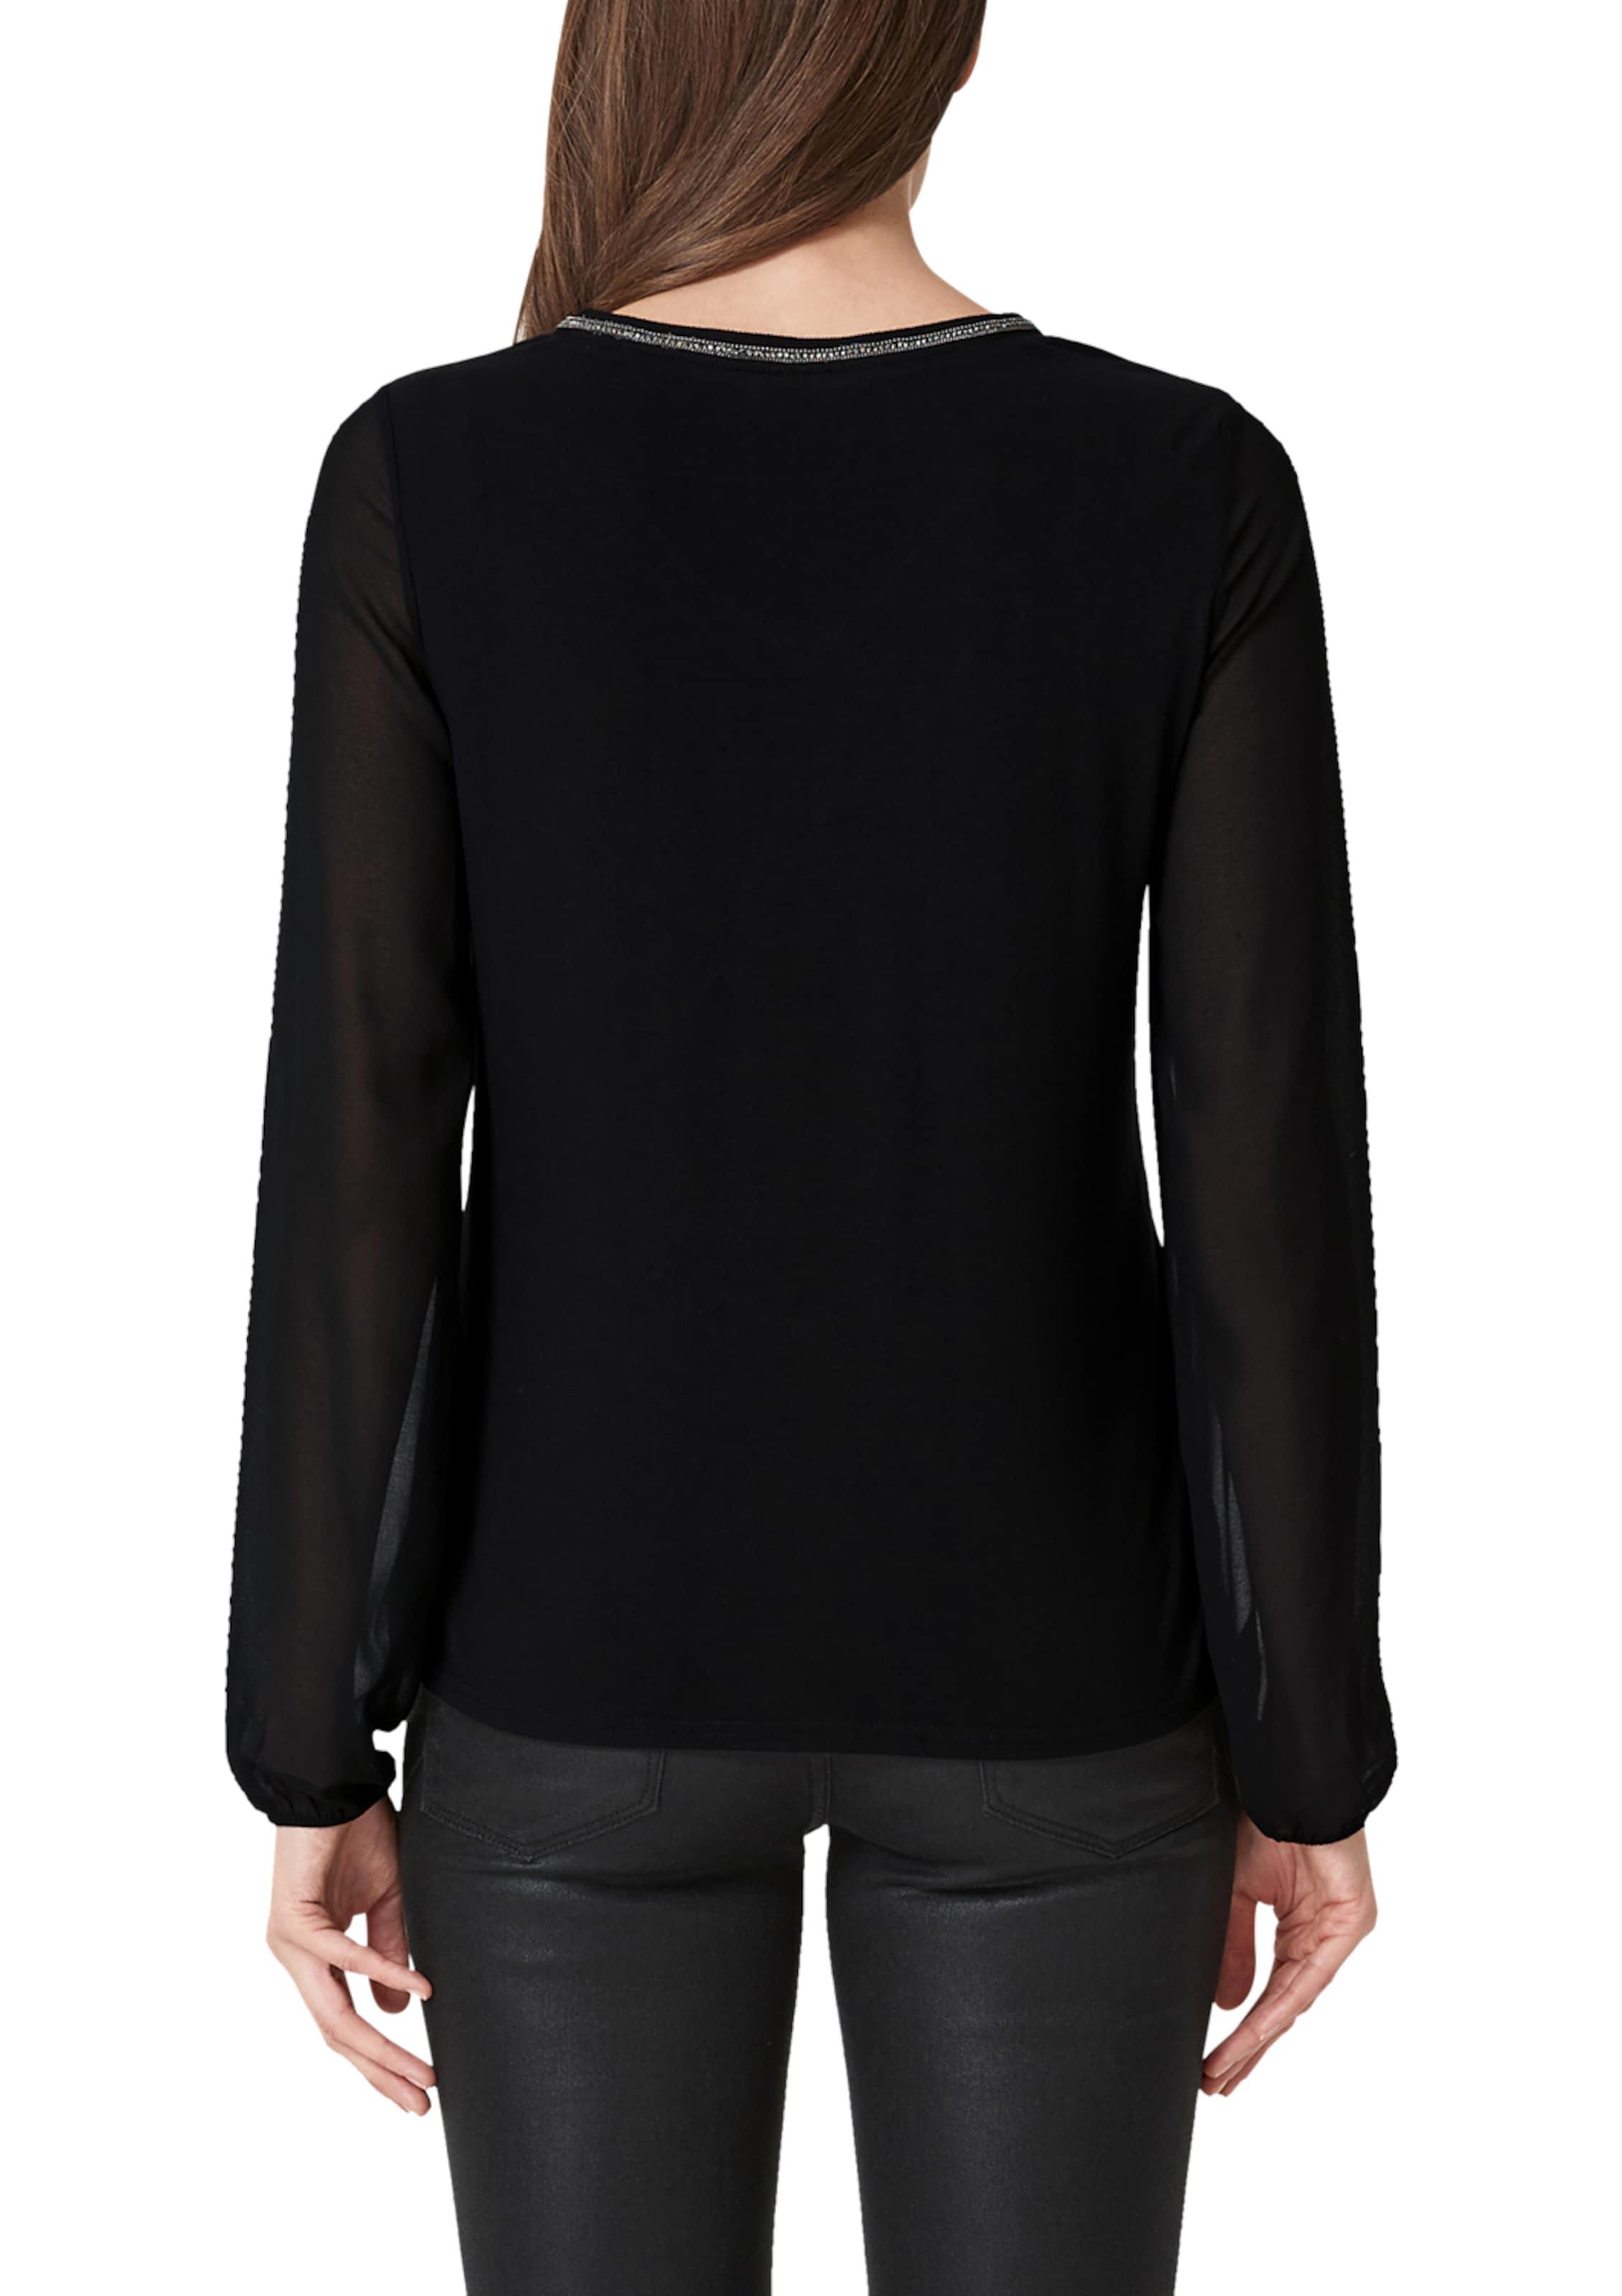 oliver Schwarz S Blusenshirt Black Label In lc1JTK3F